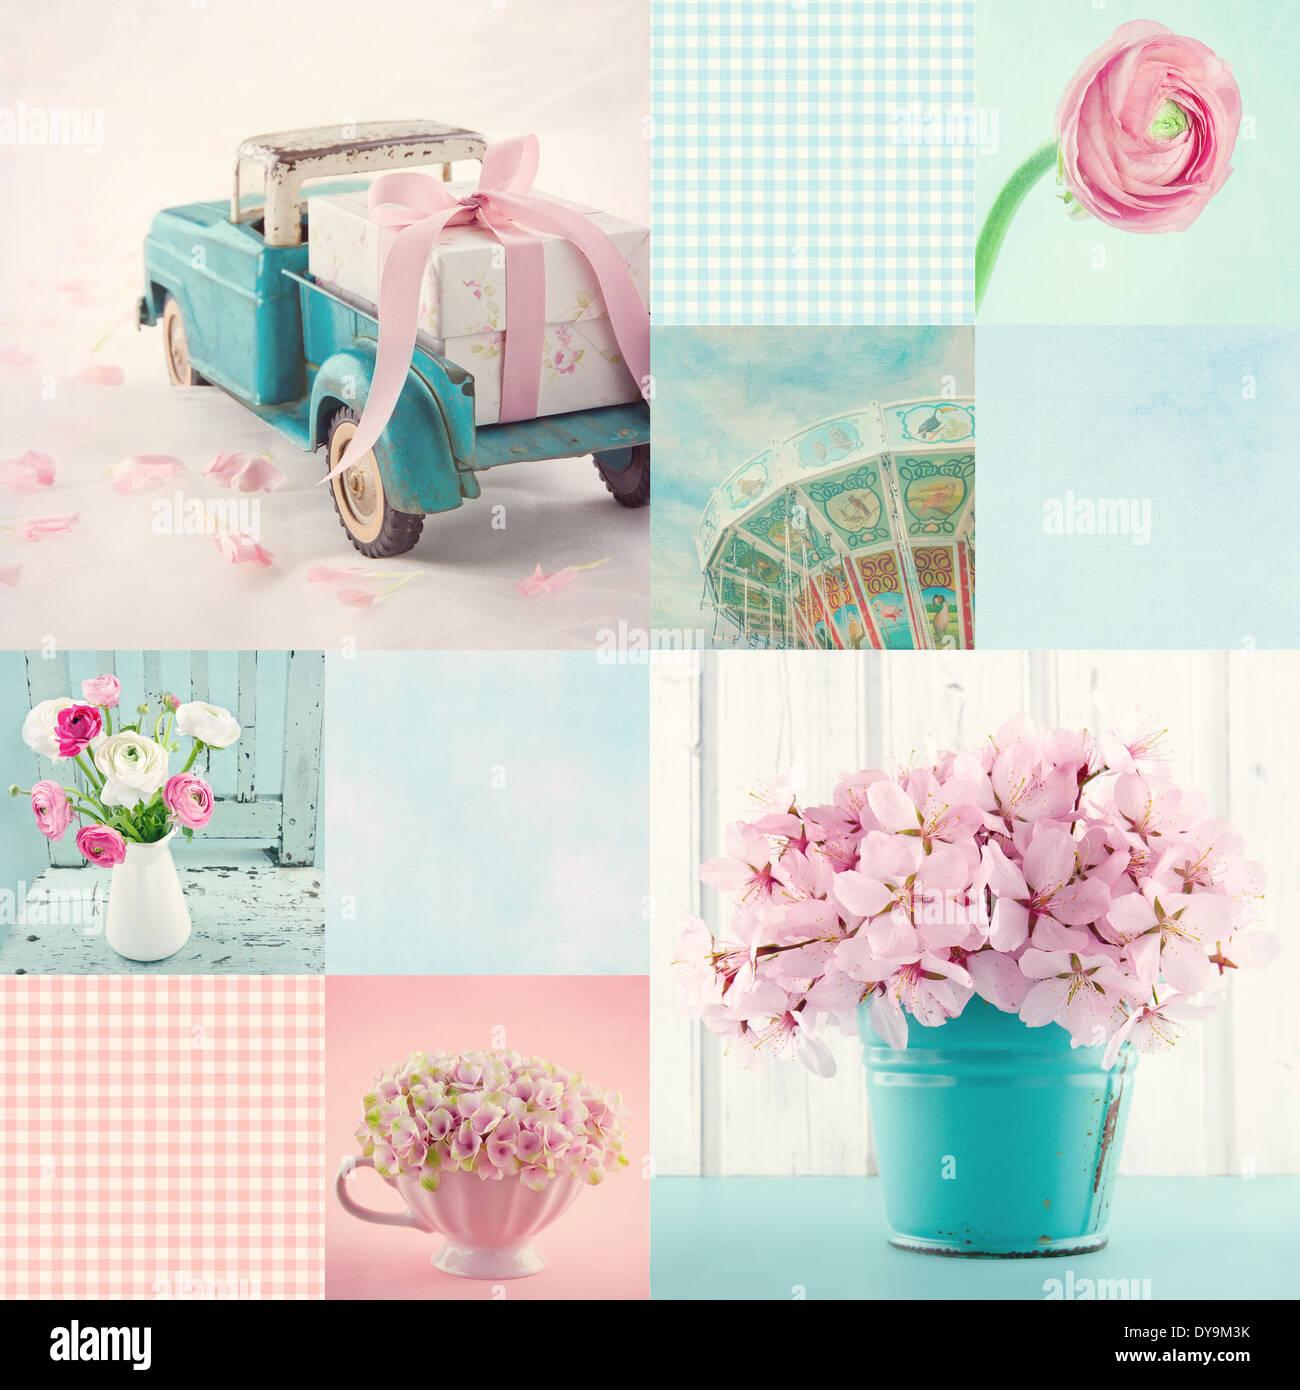 Rose et bleu clair ton collage de fleurs et d'articles de décoration vintage et fonds Banque D'Images